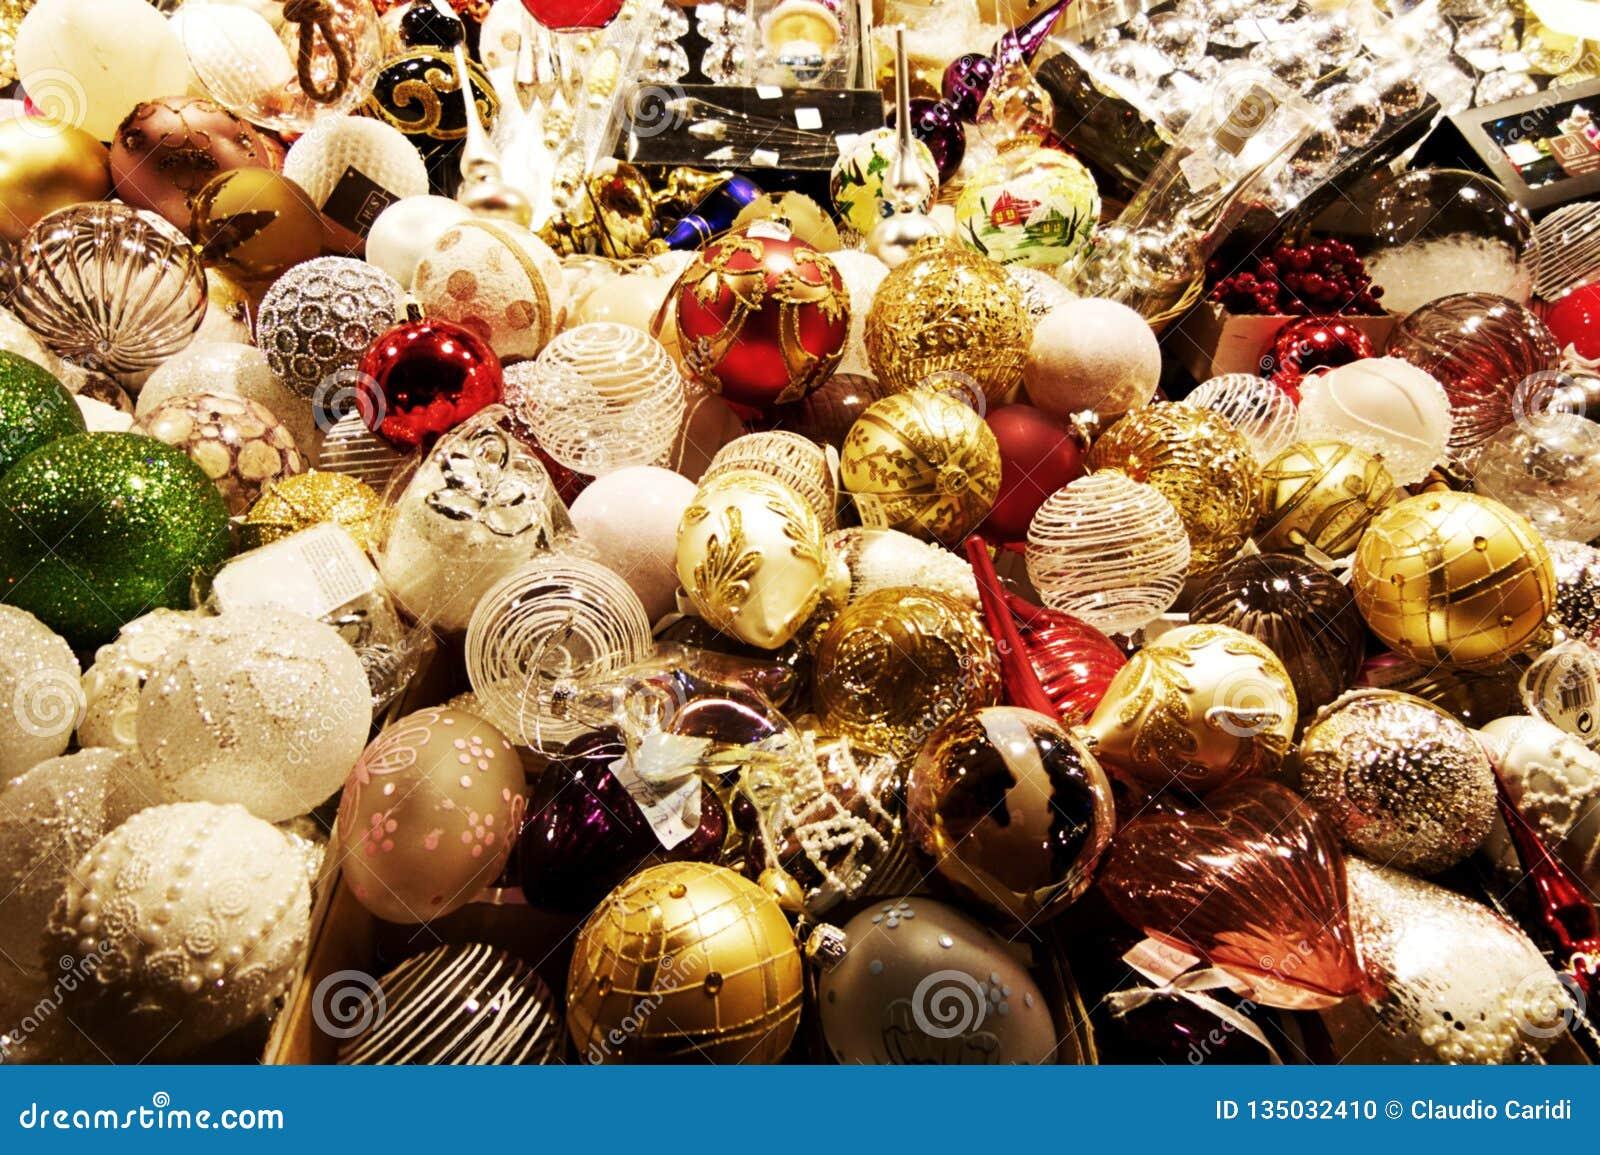 Decoraciones hechas a mano tradicionales para el árbol de navidad en los mercados de la Santa Lucía, Bolonia